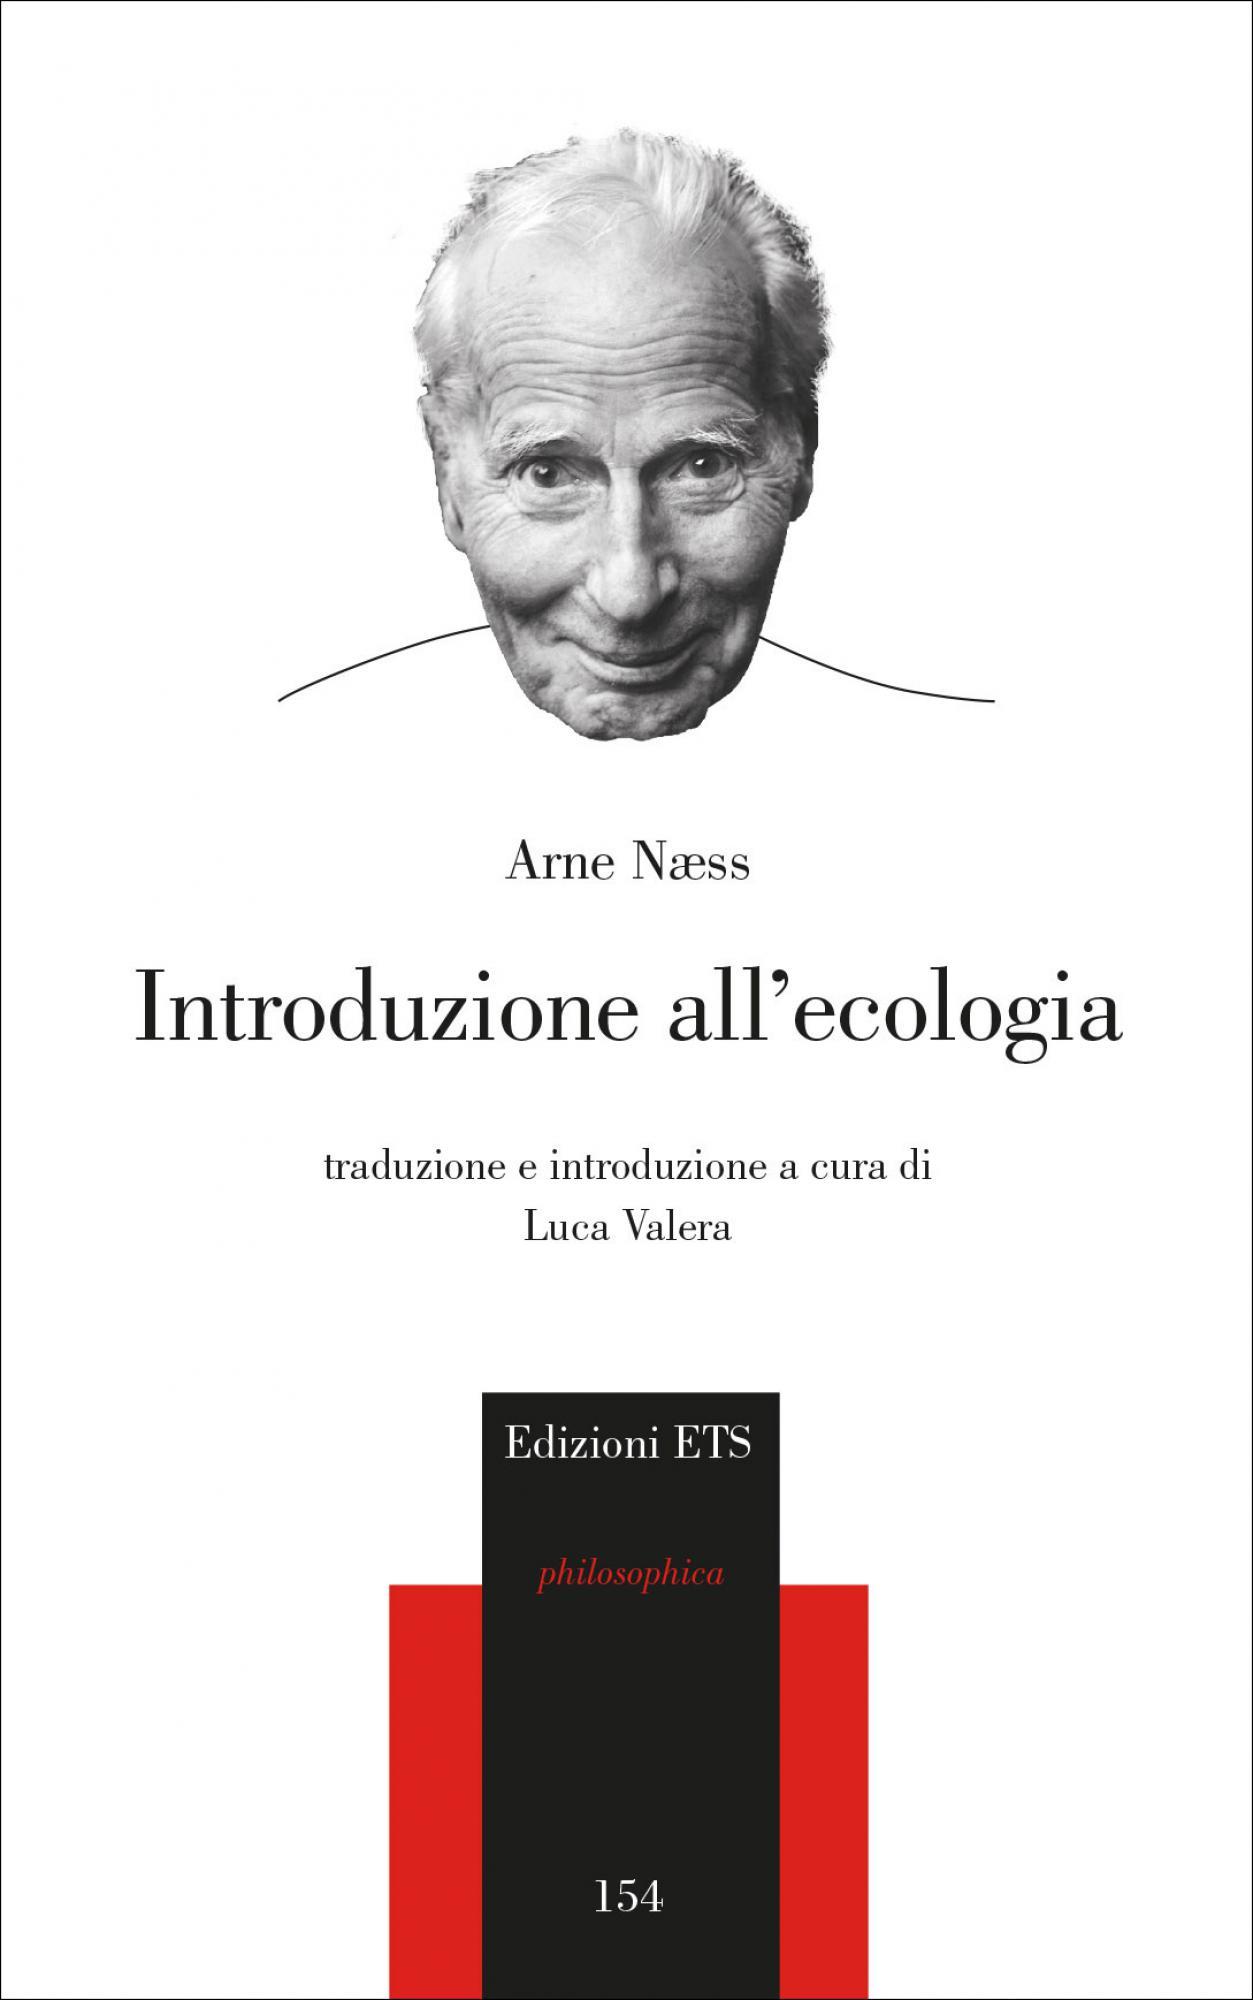 Introduzione all'ecologia